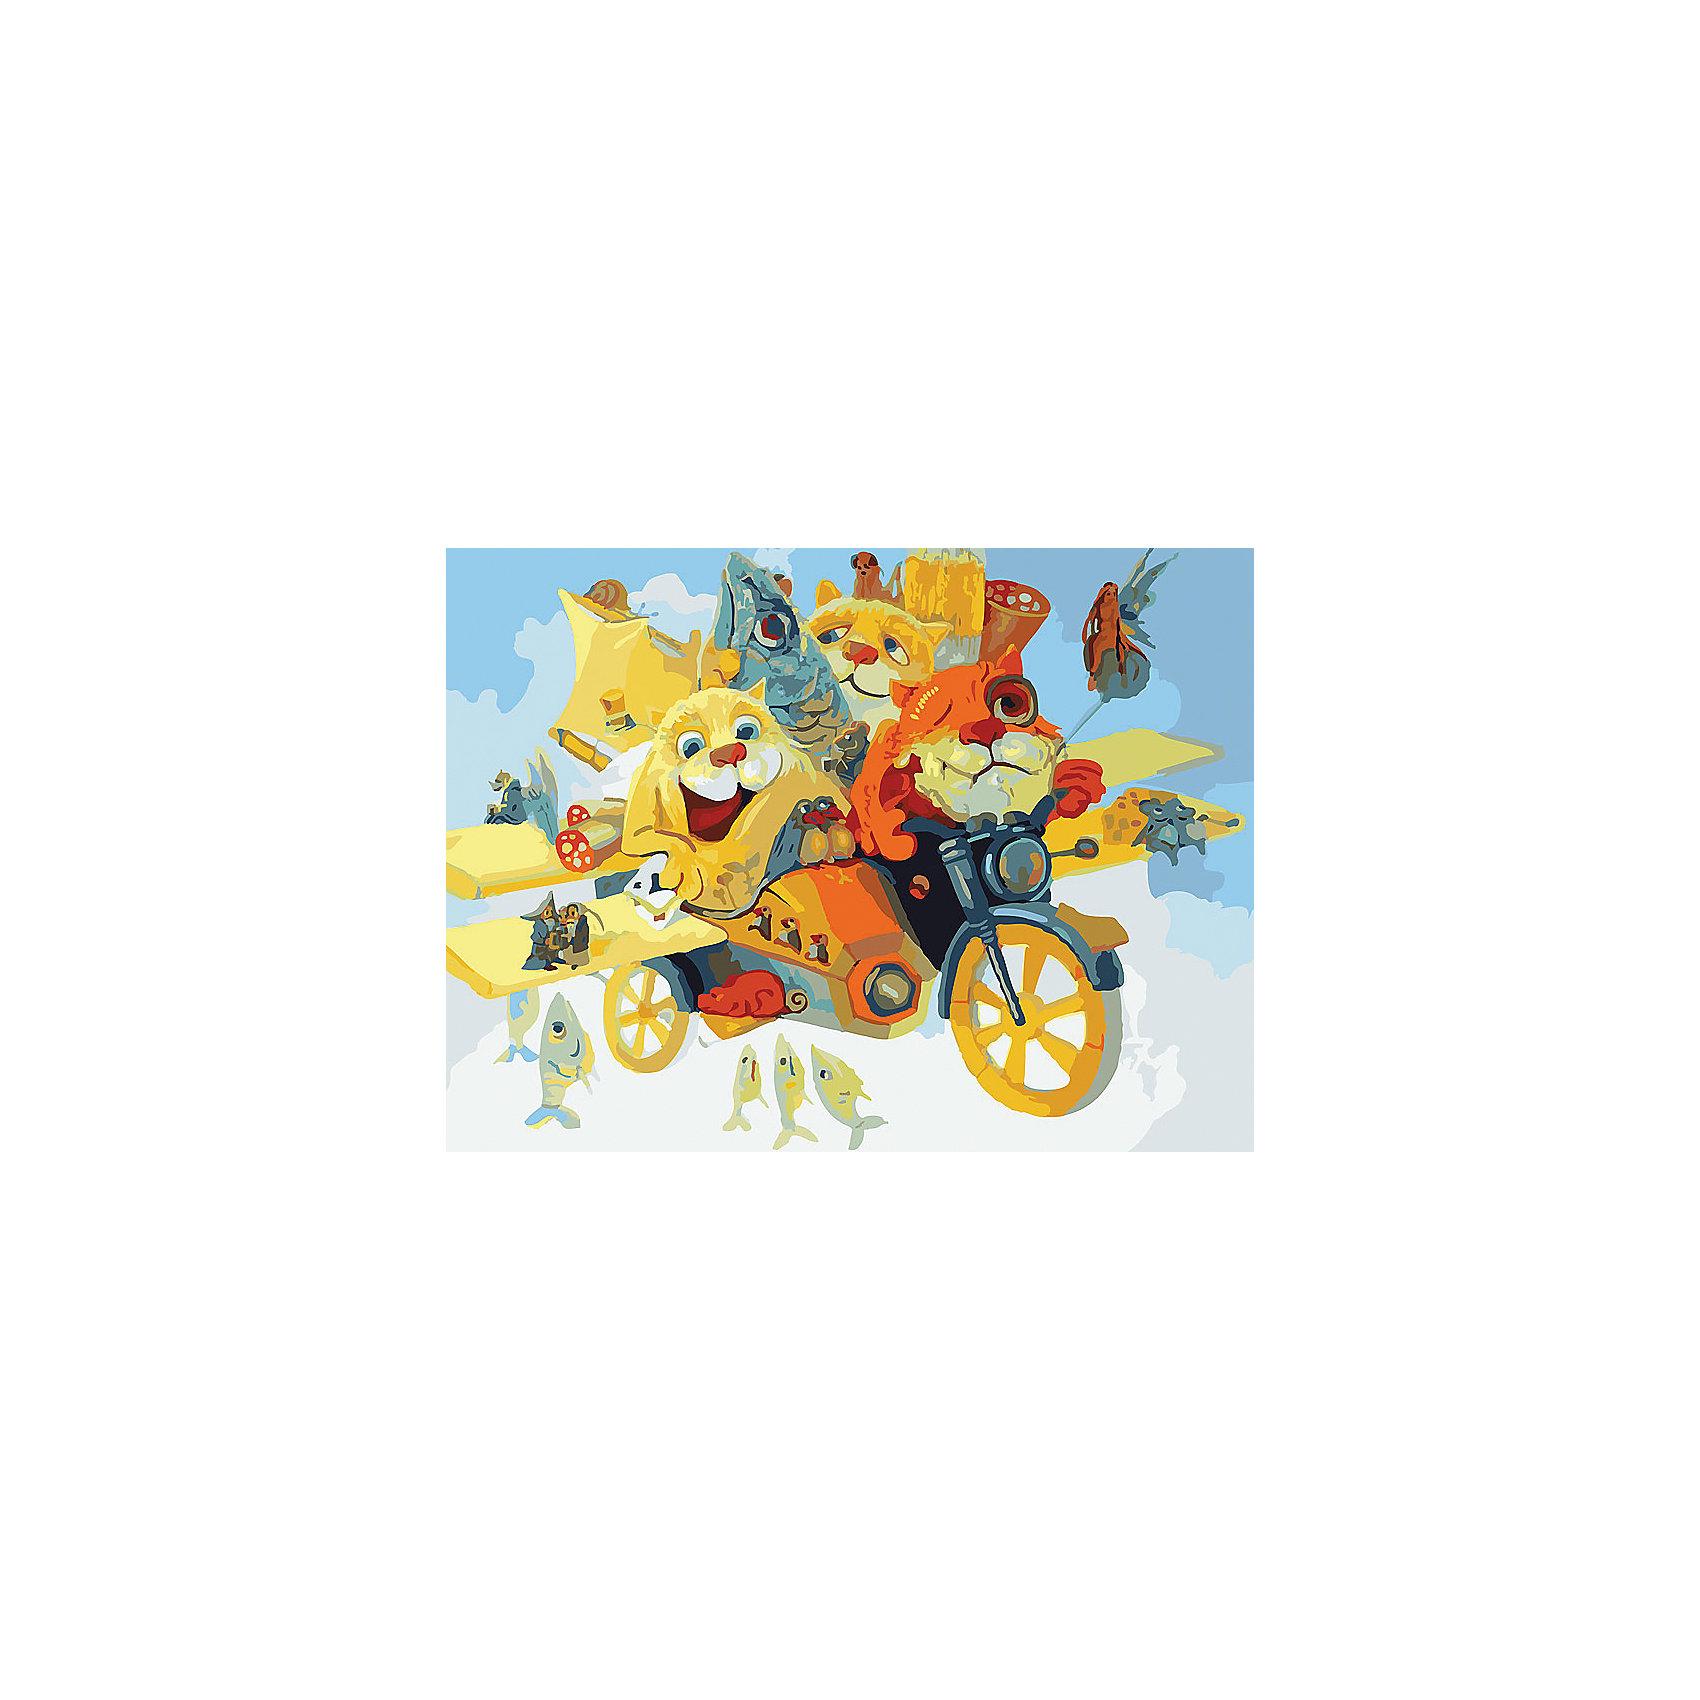 Живопись на холсте 30*40 см КотолётРаскраски по номерам<br>Характеристики товара:<br><br>• цвет: разноцветный<br>• материал: акрил, картон<br>• размер: 30 x 40 см<br>• комплектация: полотно на подрамнике с контурами рисунка, пробный лист с рисунком, набор акриловых красок, три кисти, крепление на стену для картины<br>• для детей от шести лет и взрослых<br>• не требует специальных навыков<br>• страна бренда: Китай<br>• страна изготовитель: Китай<br><br>Рисование - это занятие, которое любят многие дети и взрослые. Оно помогает развить важные навыки и просто приносит удовольствие! Чтобы вселить в ребенка уверенность в своих силах, можно предложить ему этот набор - в нем уже есть сюжет, контуры рисунка и участки с номерами, которые обозначают определенную краску из набора. Все оттенки уже готовы, задача художника - аккуратно, с помощью кисточек из набора, нанести краски на определенный участок полотна.<br>Взрослым также понравится этот процесс, рисовать можно и вместе с малышом! В итоге получается красивая картина, которой можно украсить интерьер. Рисование способствует развитию мелкой моторики, воображения, цветовосприятия, творческих способностей и усидчивости. Набор отлично проработан, сделан из качественных и проверенных материалов, которые безопасны для детей. Краски - акриловые, они быстро сохнут и легко смываются с кожи.<br><br>Живопись на холсте 30*40 см Котолёт от торговой марки Белоснежка можно купить в нашем интернет-магазине.<br><br>Ширина мм: 410<br>Глубина мм: 310<br>Высота мм: 25<br>Вес г: 567<br>Возраст от месяцев: 72<br>Возраст до месяцев: 144<br>Пол: Унисекс<br>Возраст: Детский<br>SKU: 5089662